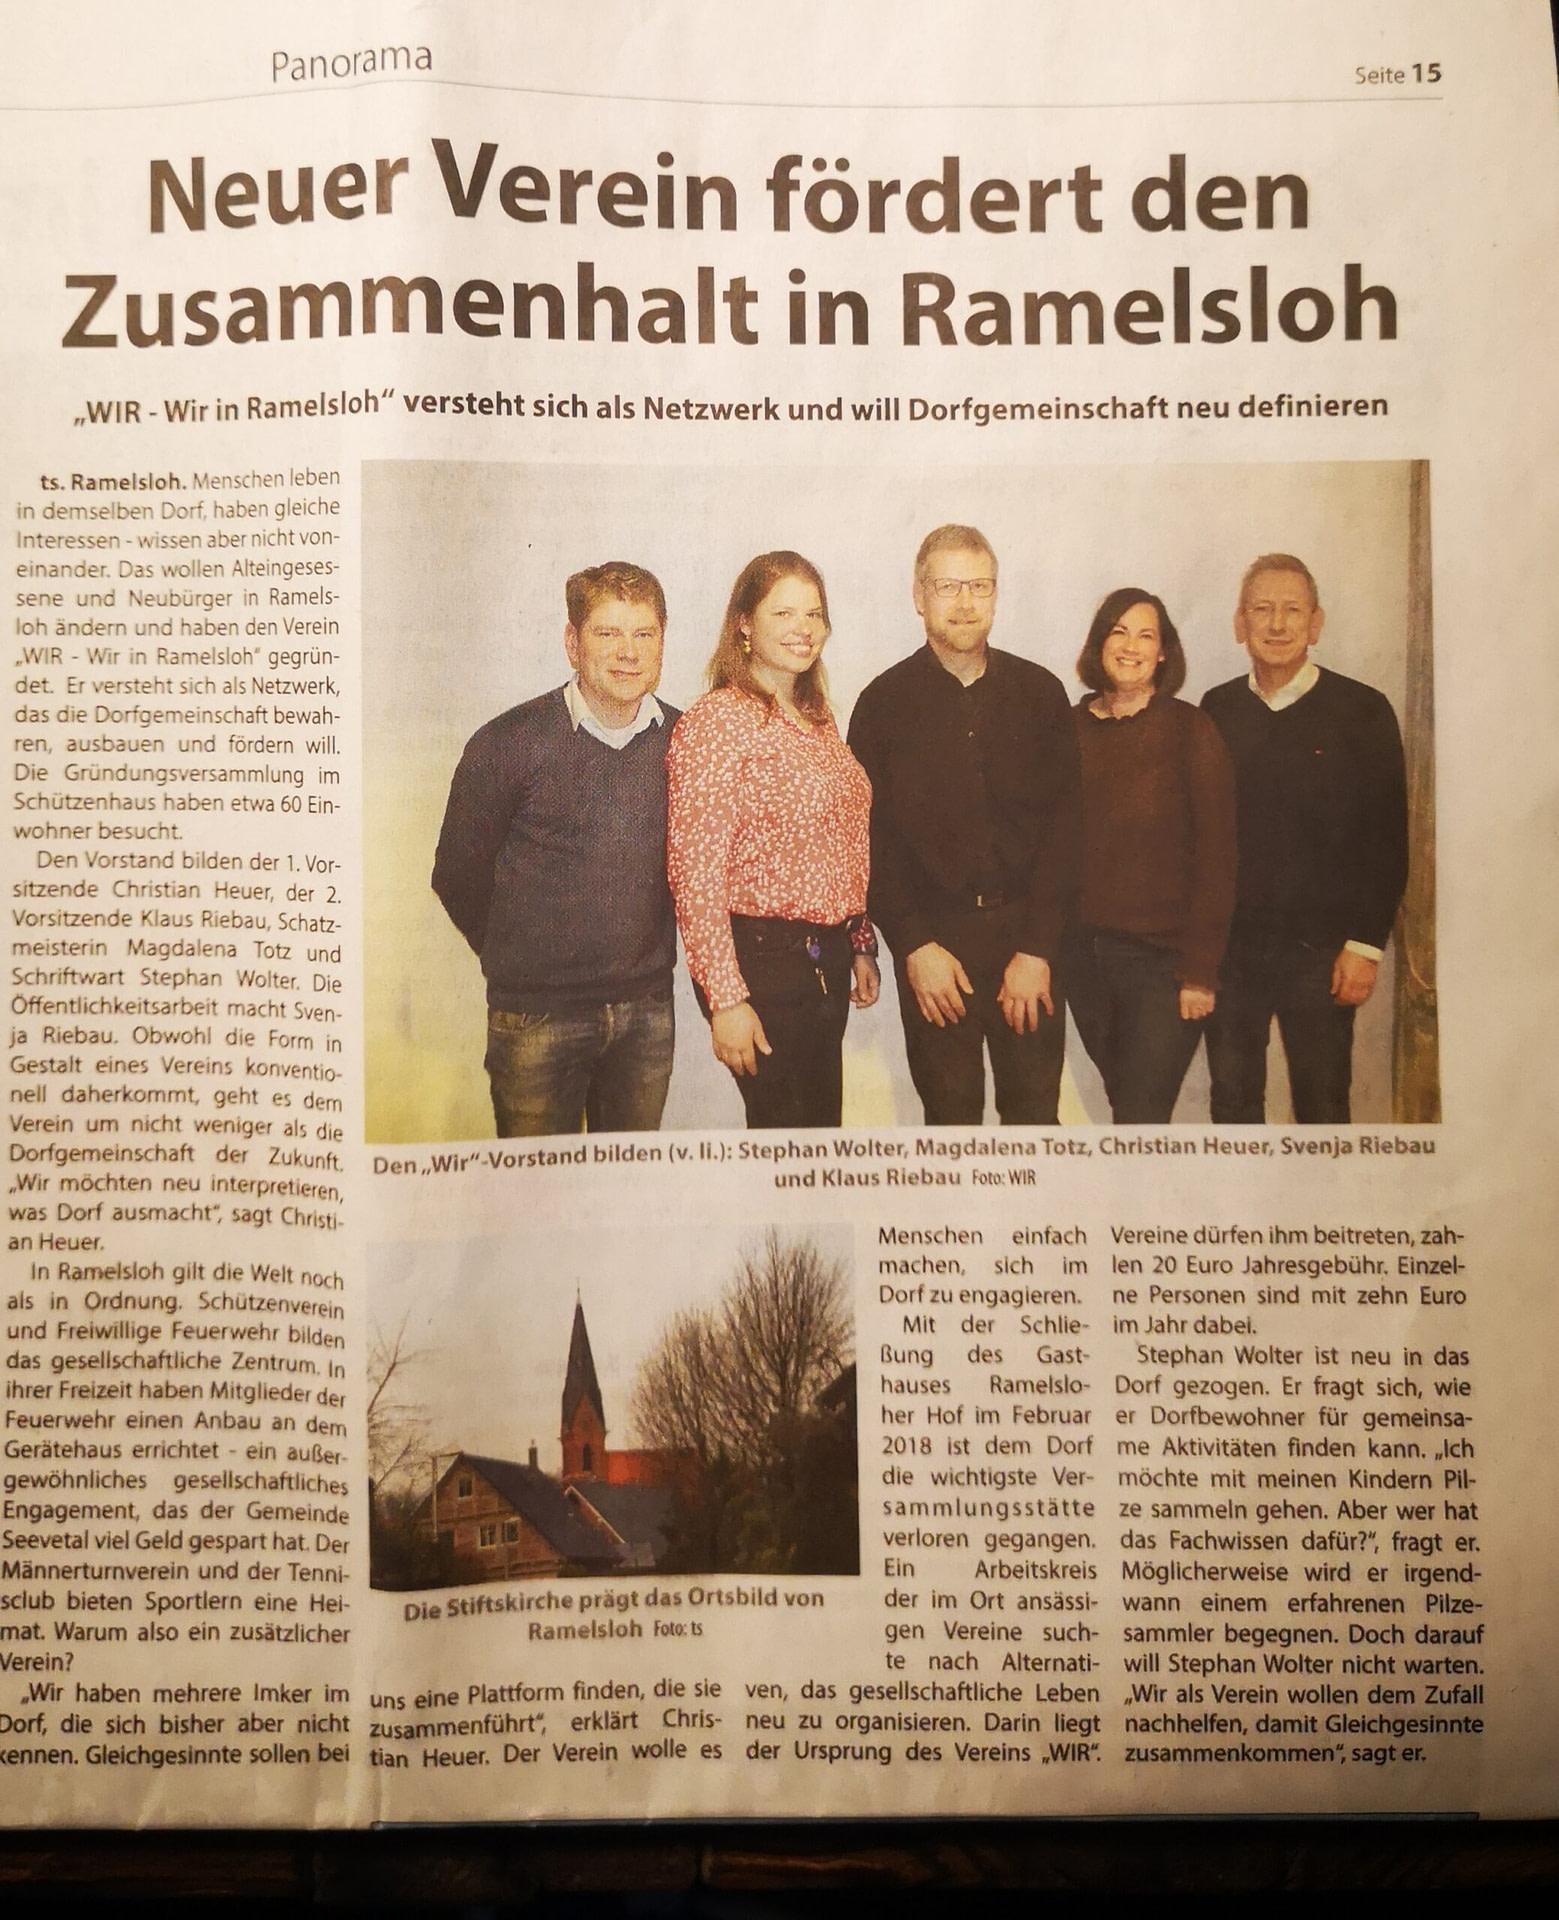 Wochenblatt und Turmhahn berichten über den Verein